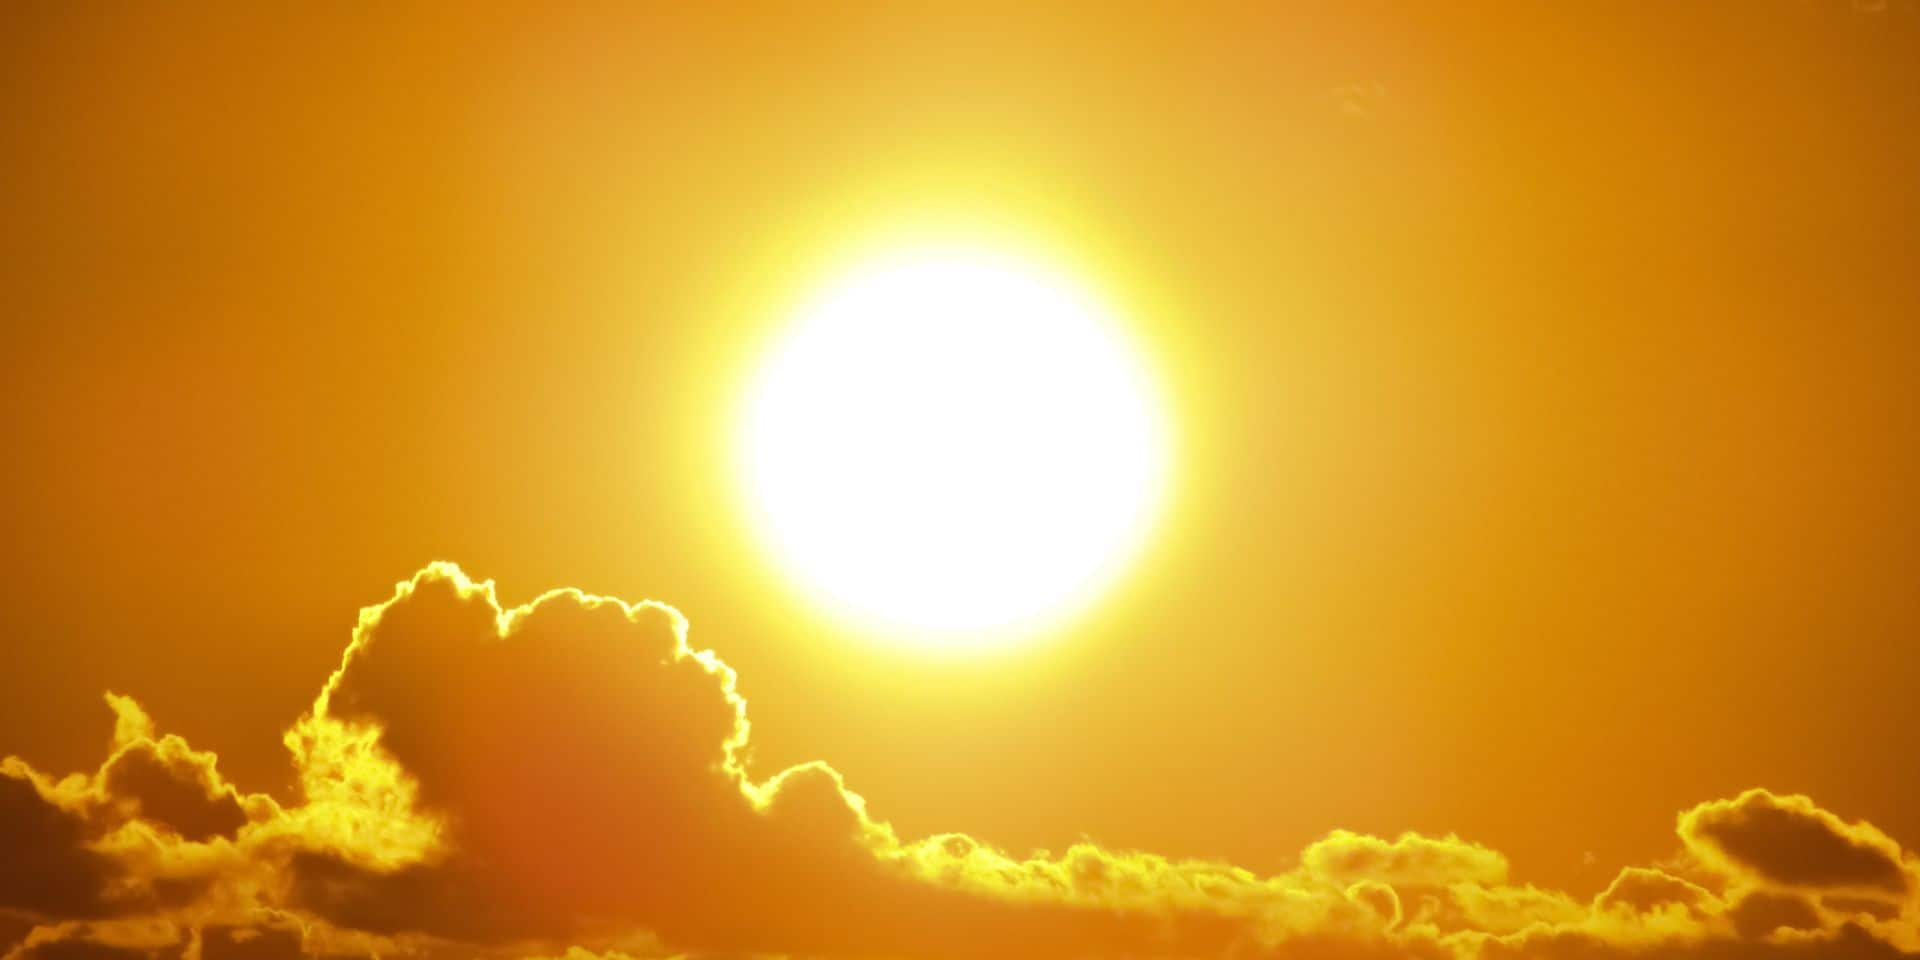 La chaleur revient: plus de 30 degrés attendus